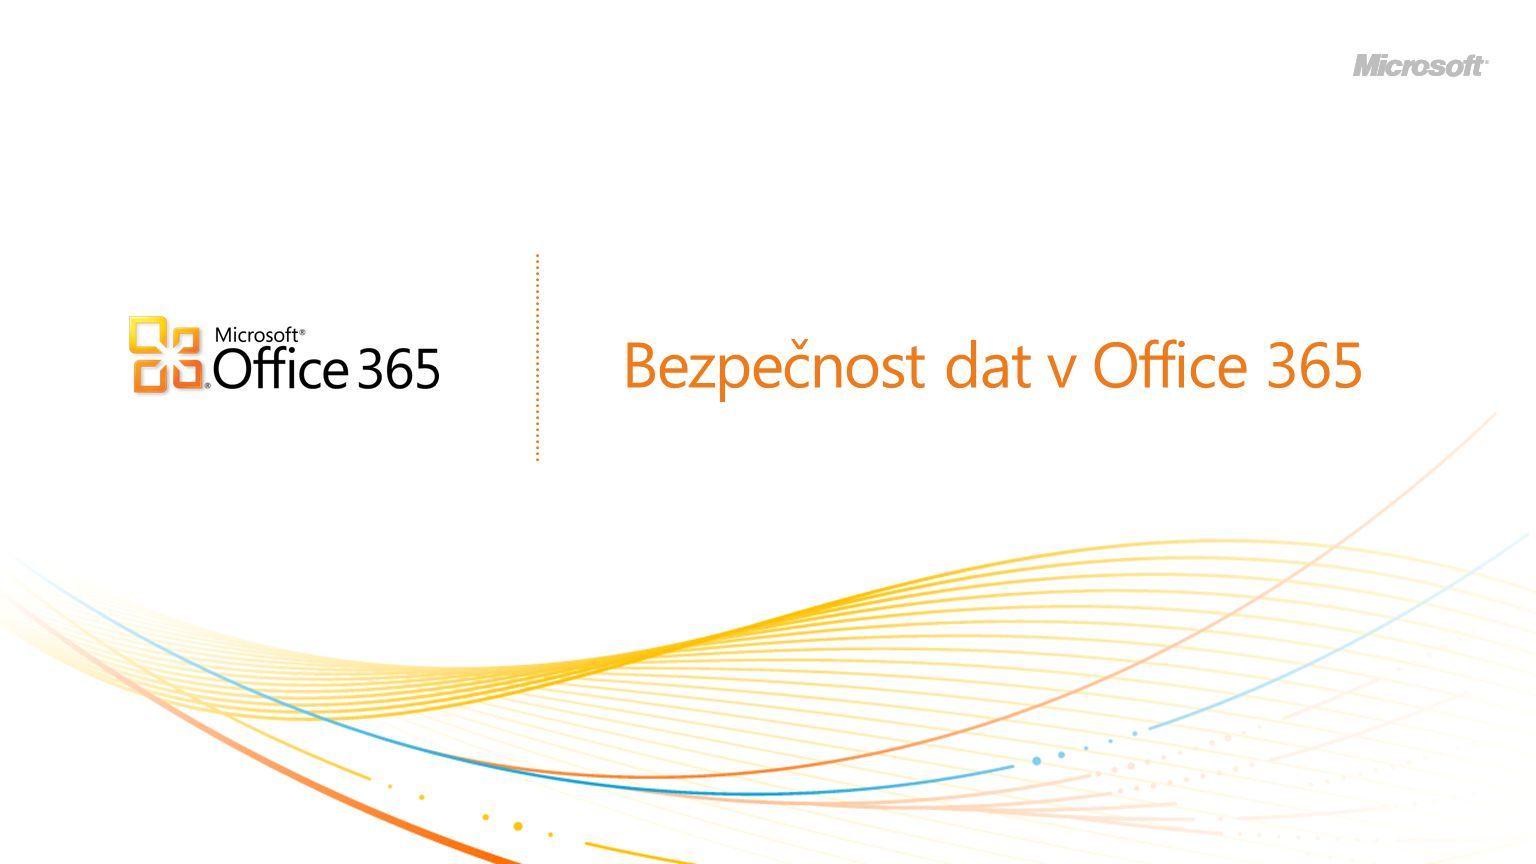 Bezpečnost dat v Office 365